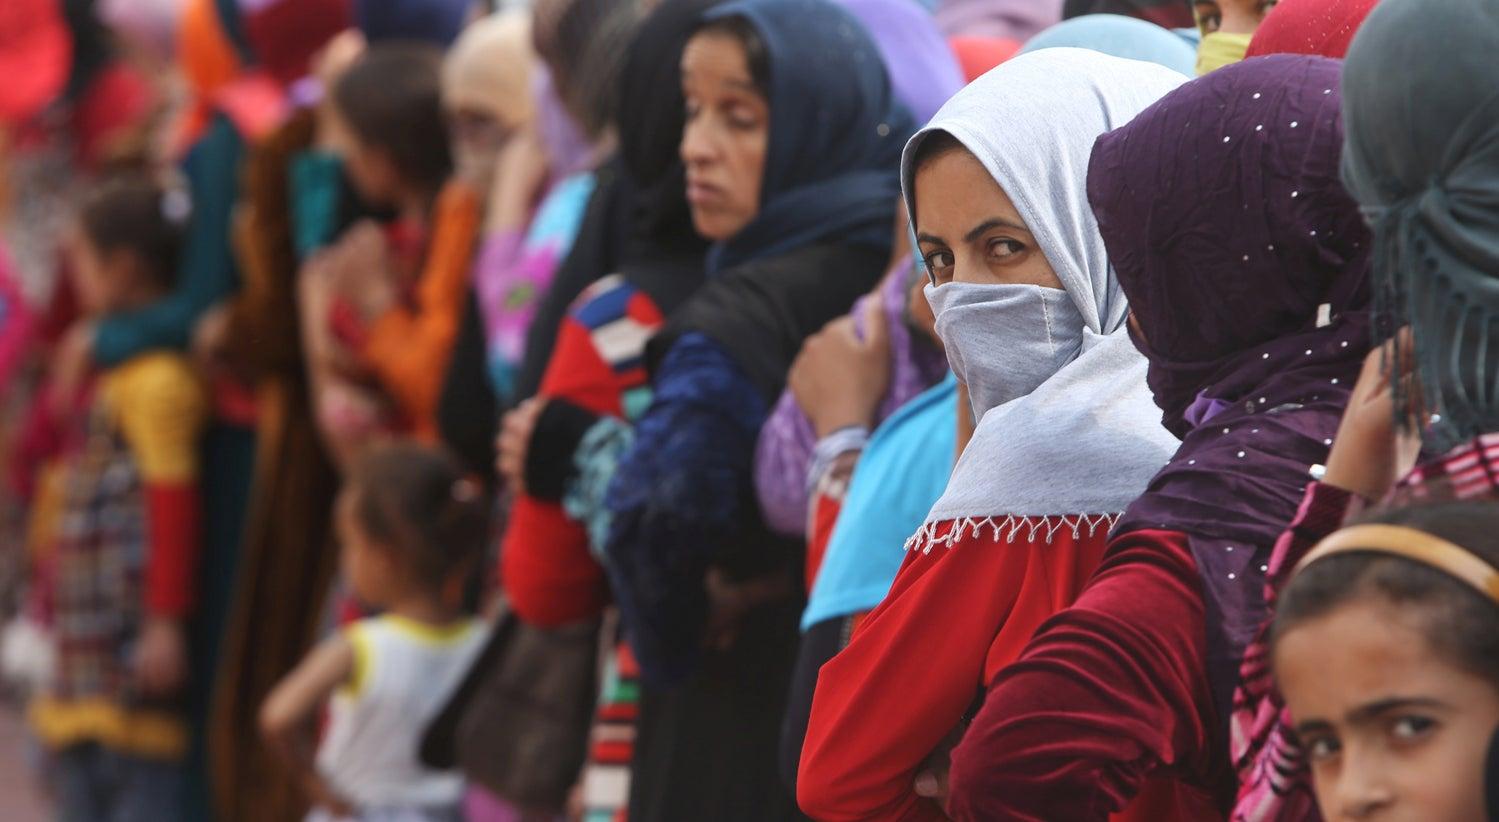 Estado Isl�mico est� a usar civis como escudos humanos em Mossul